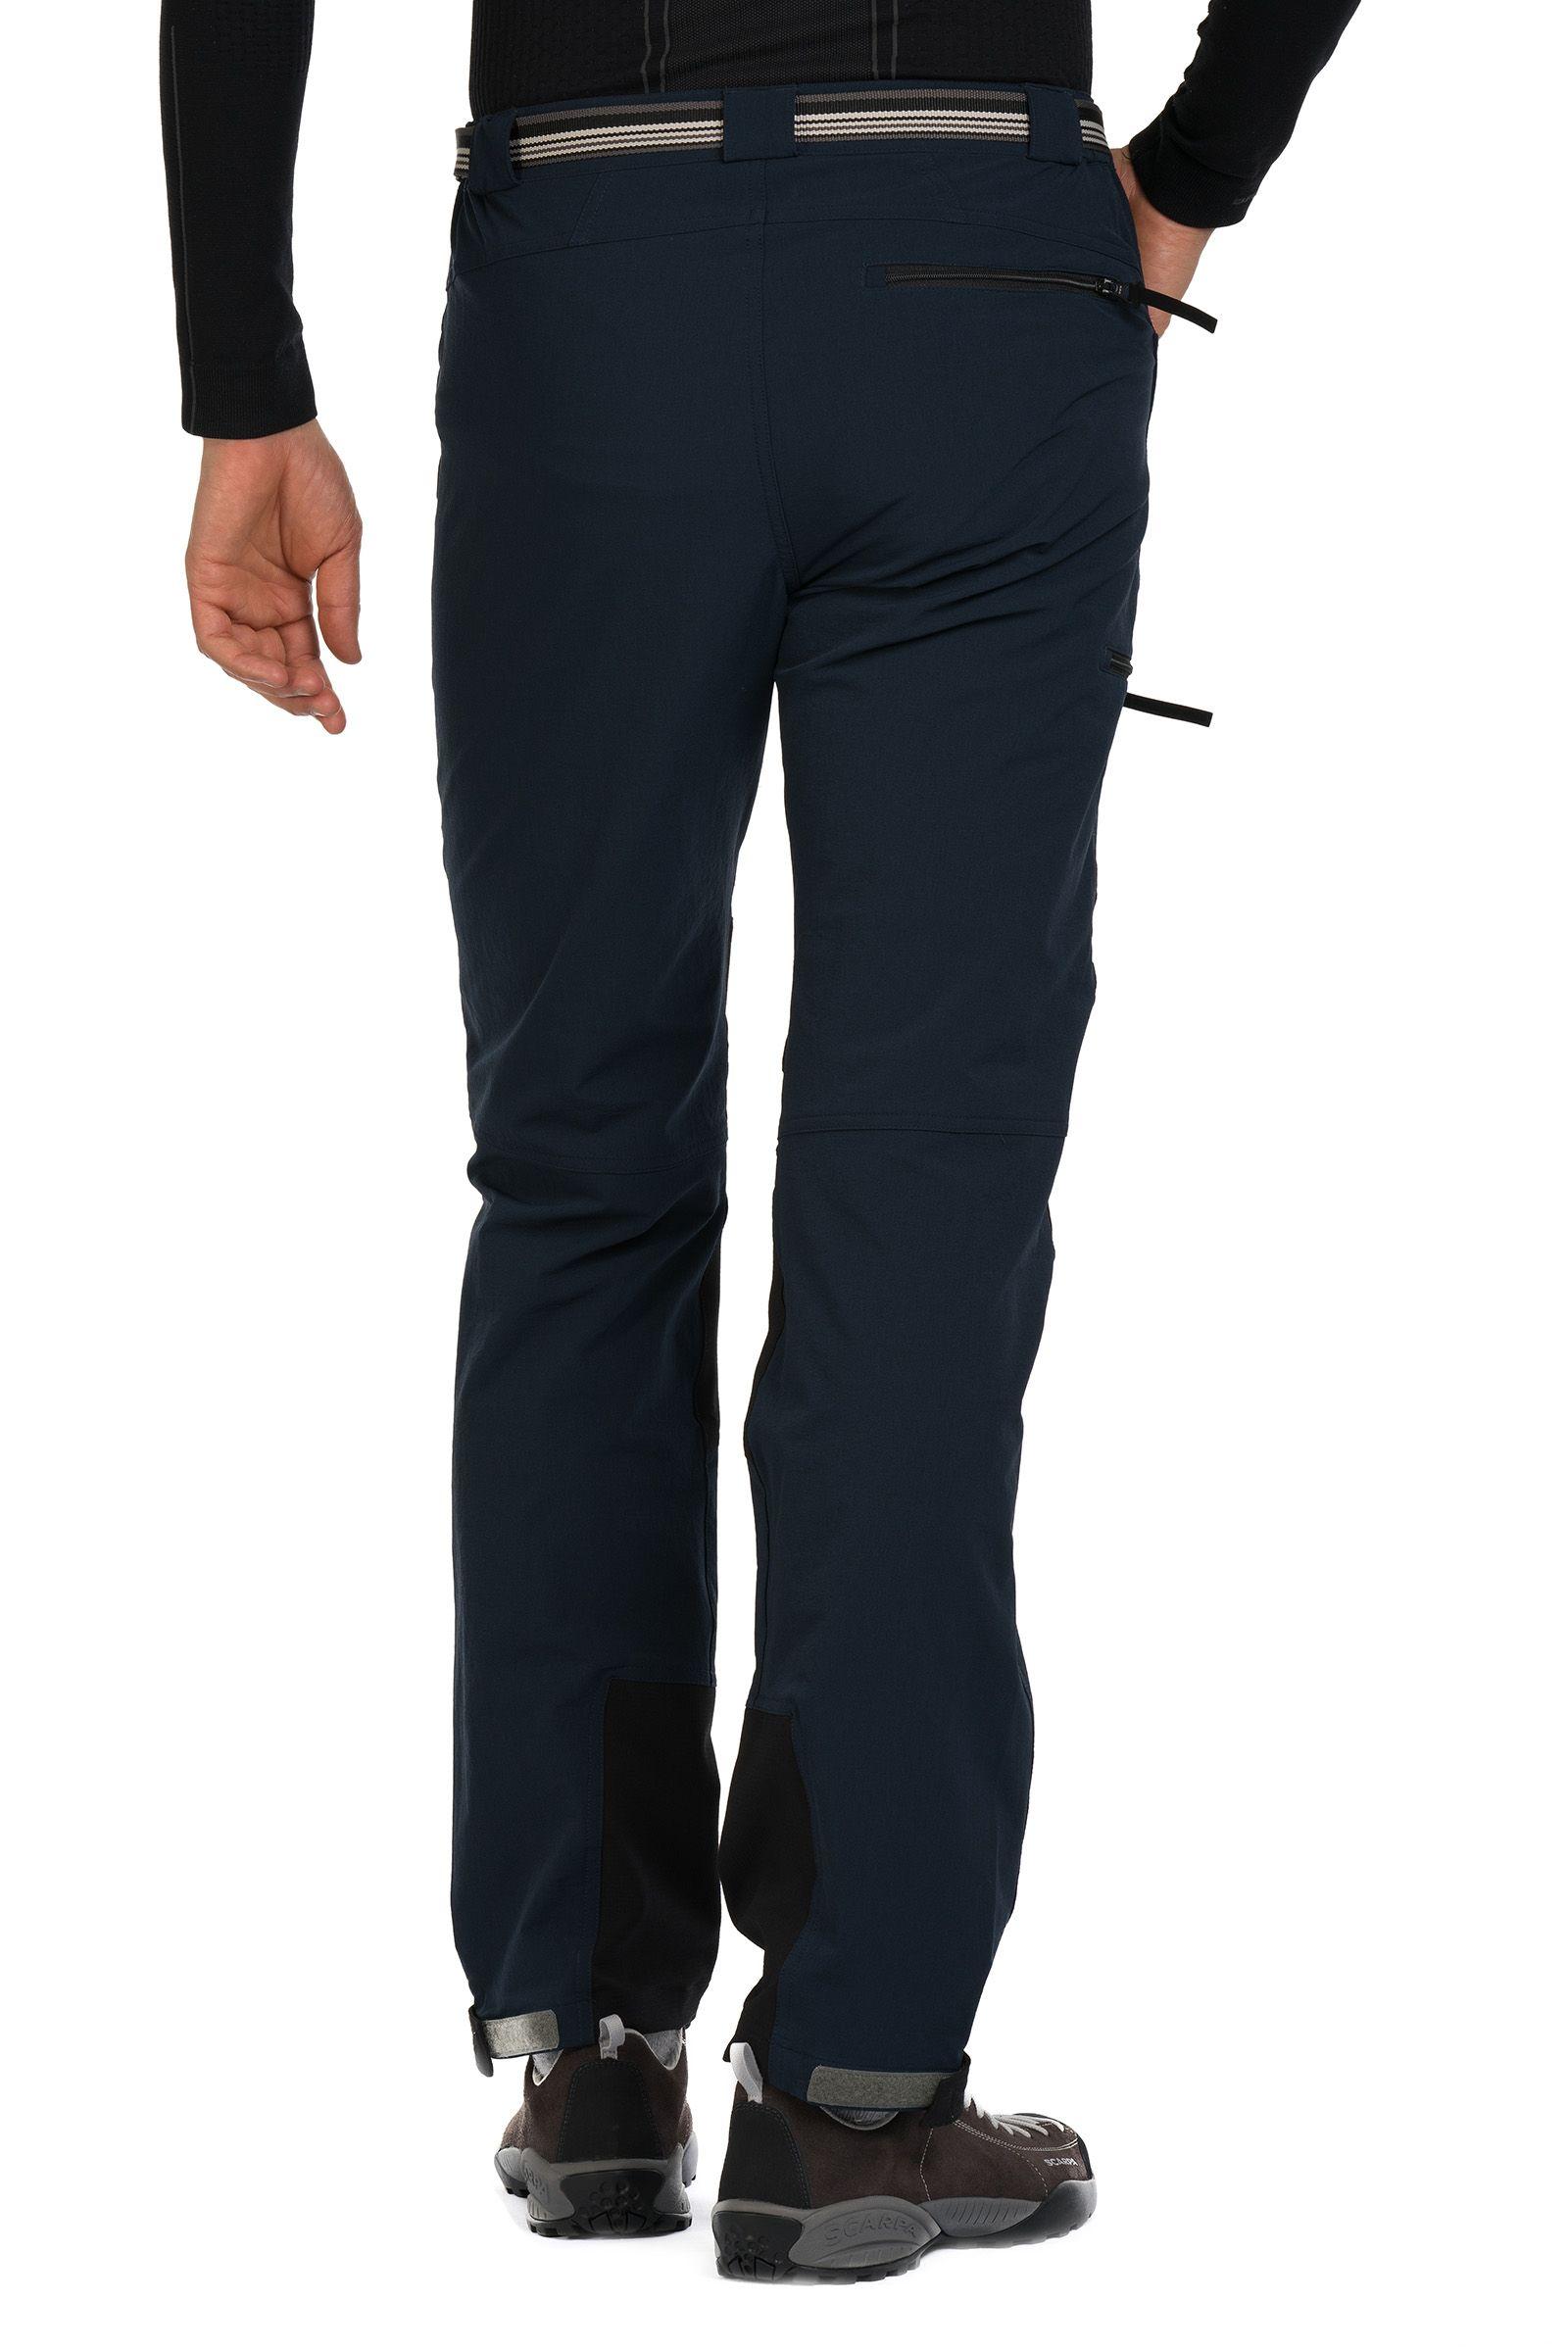 spodnie milo tacul ranking